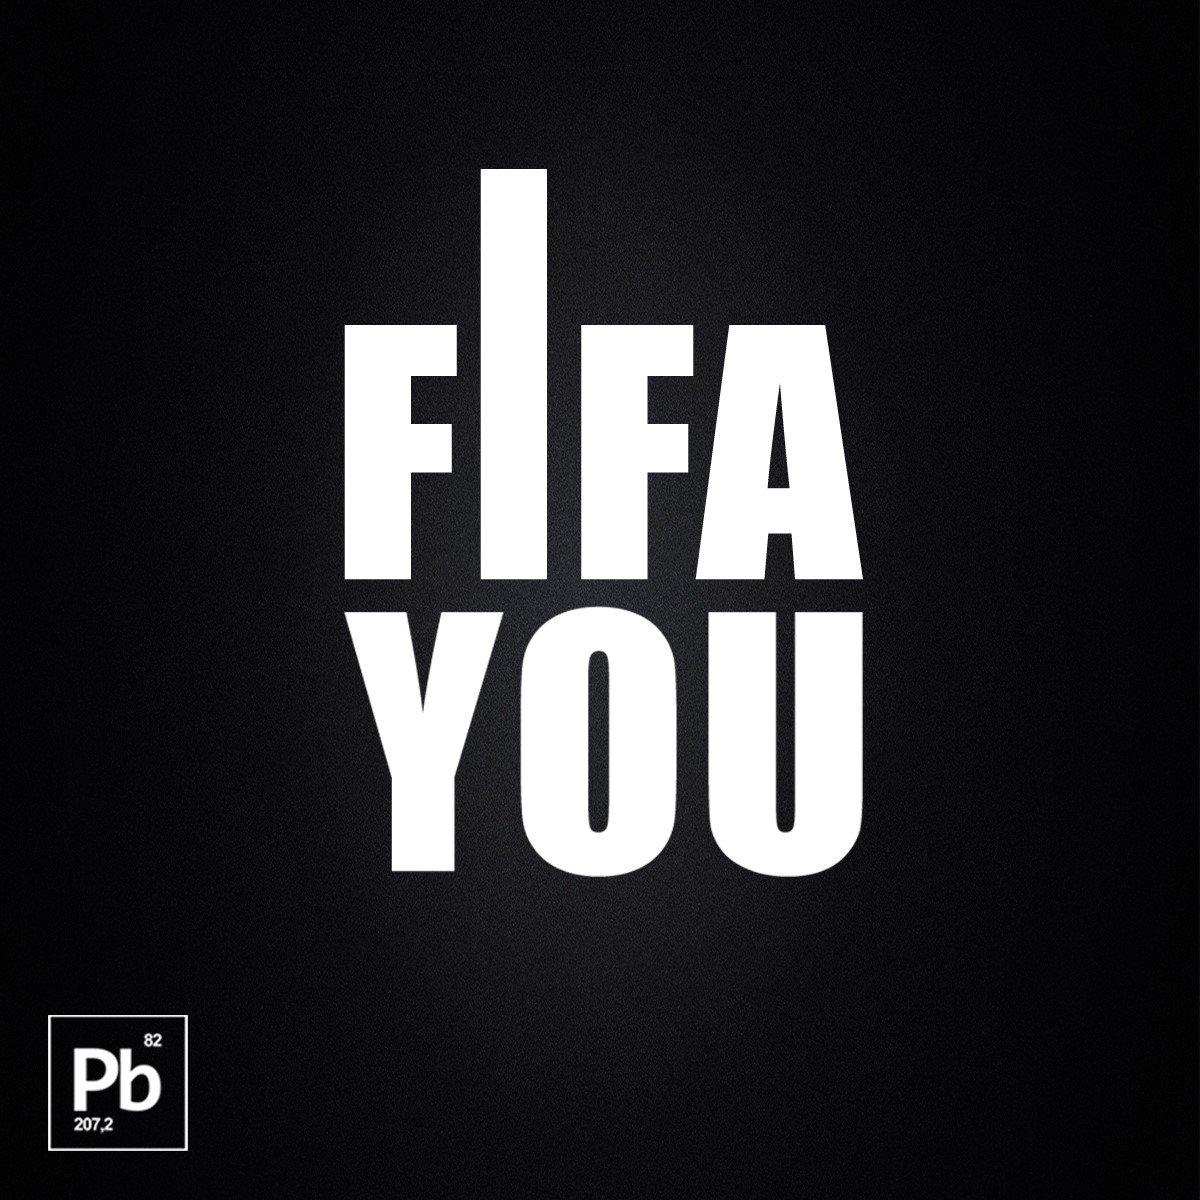 Історія з обвалом рейтингу ФІФА має колосальне значення, - віце-президент ПАРЄ Ар'єв про флешмоб українців - Цензор.НЕТ 2209